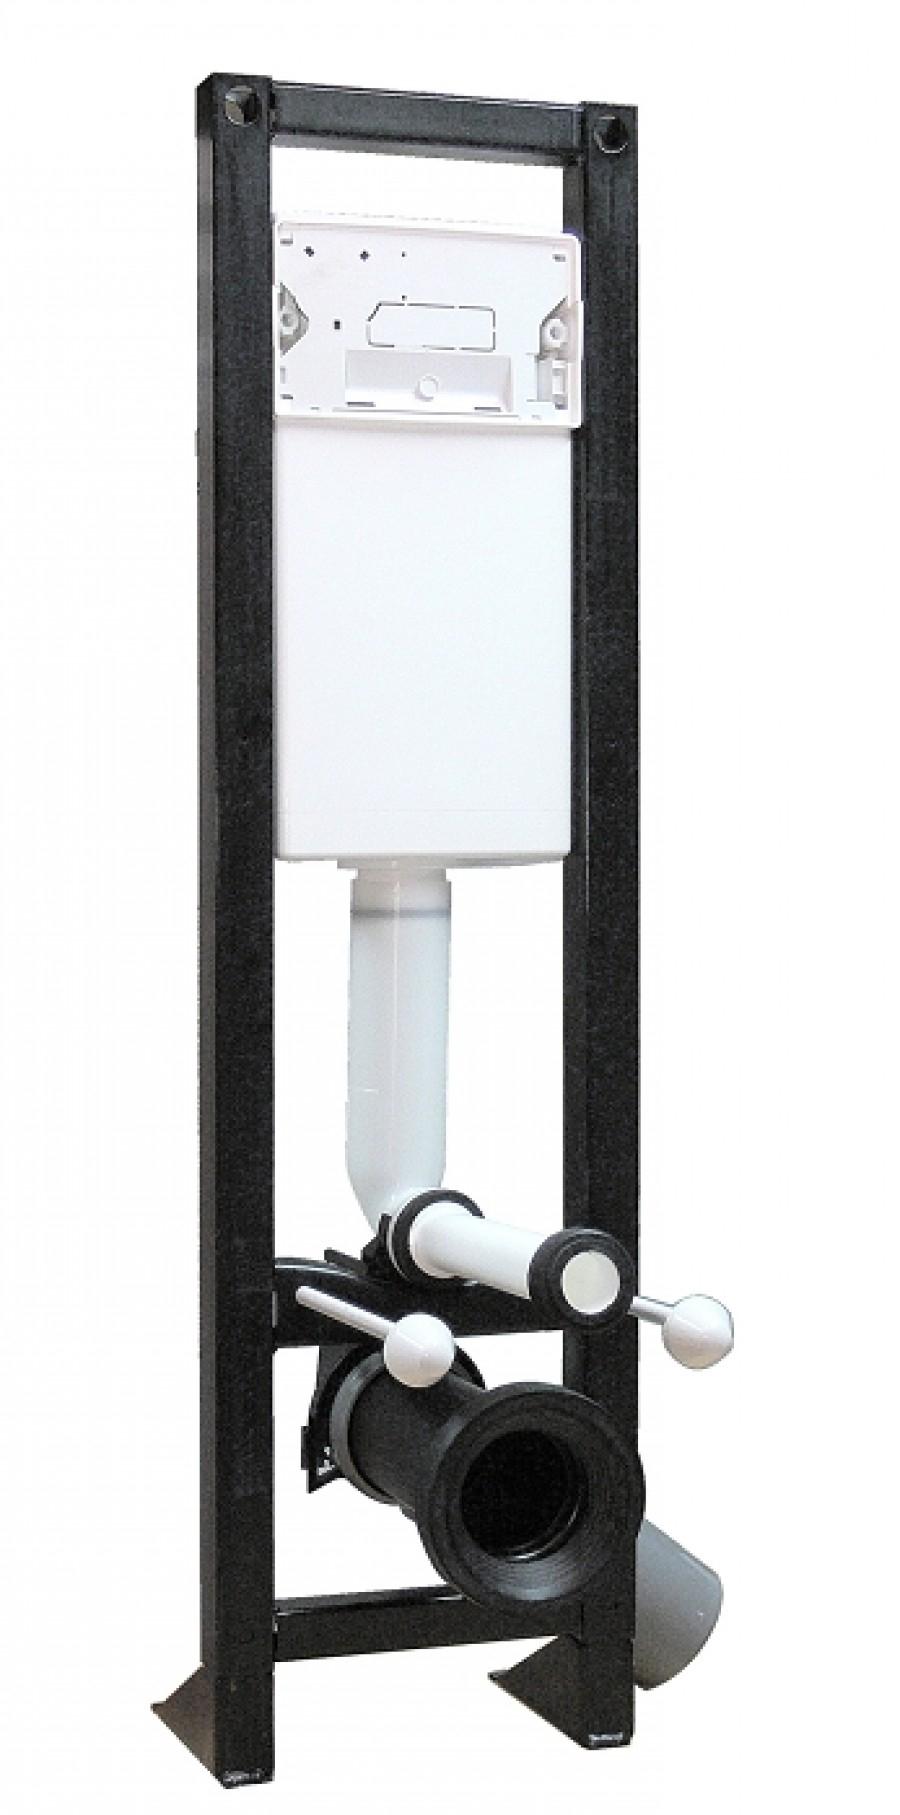 chasse d eau wc suspendu chasse d eau wc suspendu sur. Black Bedroom Furniture Sets. Home Design Ideas